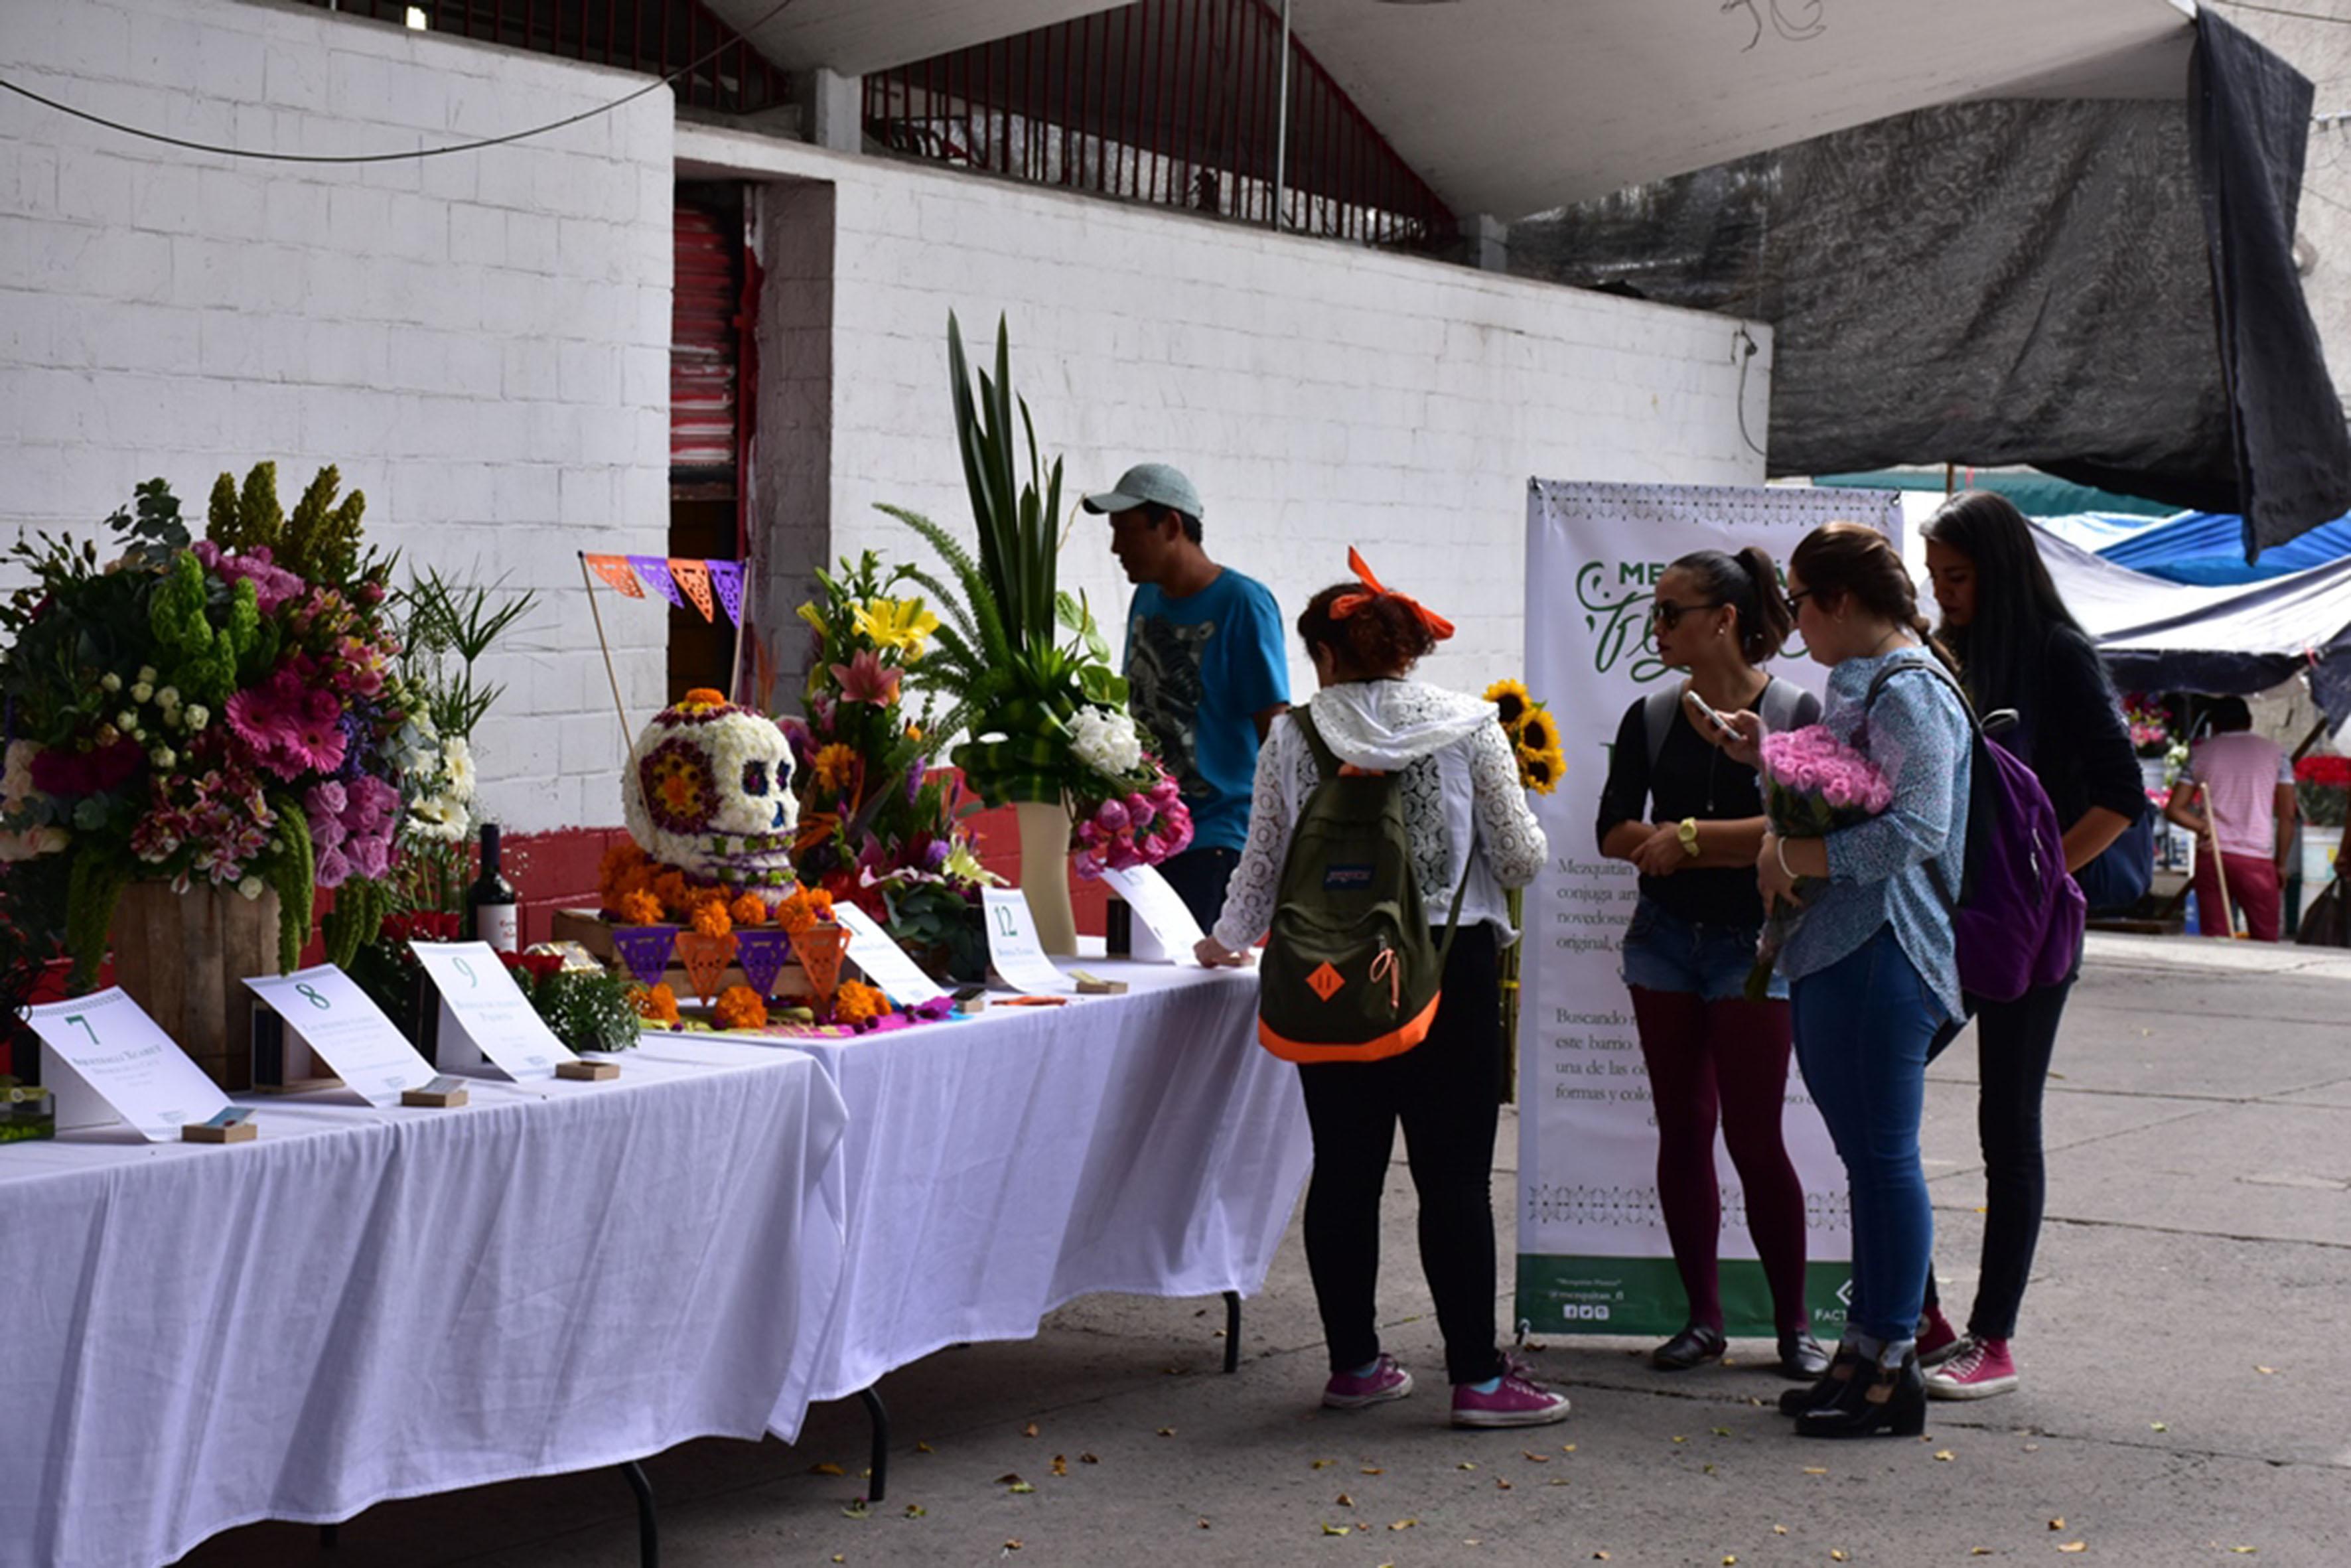 """Presentación del proyecto """"Mezquitán Florece"""" en la explanada del tradicional barrio del Mercado de Mezquitán."""